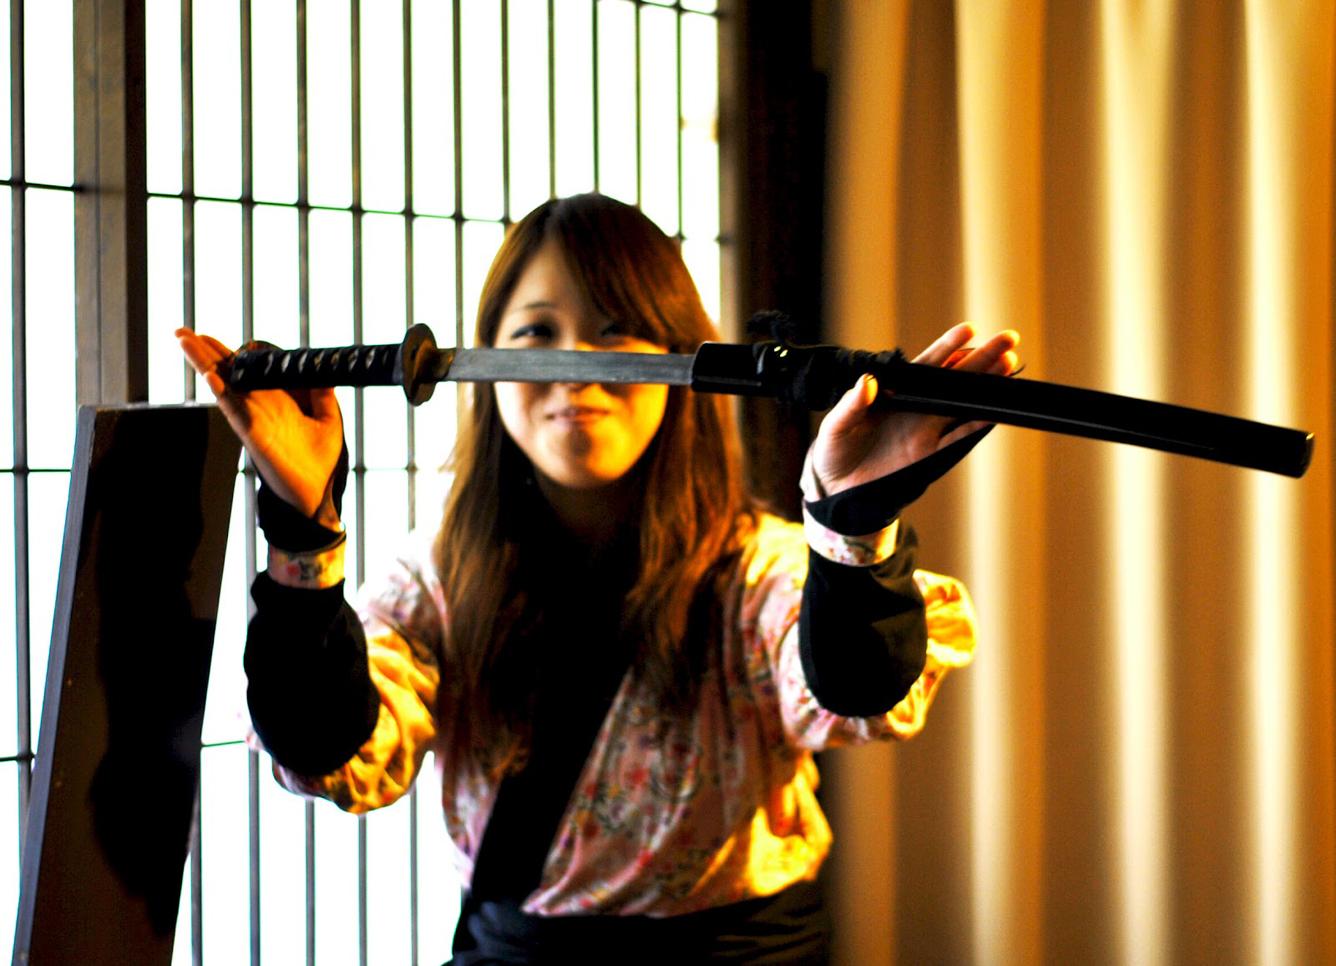 Đến Nagoya hóa thân làm Ninja